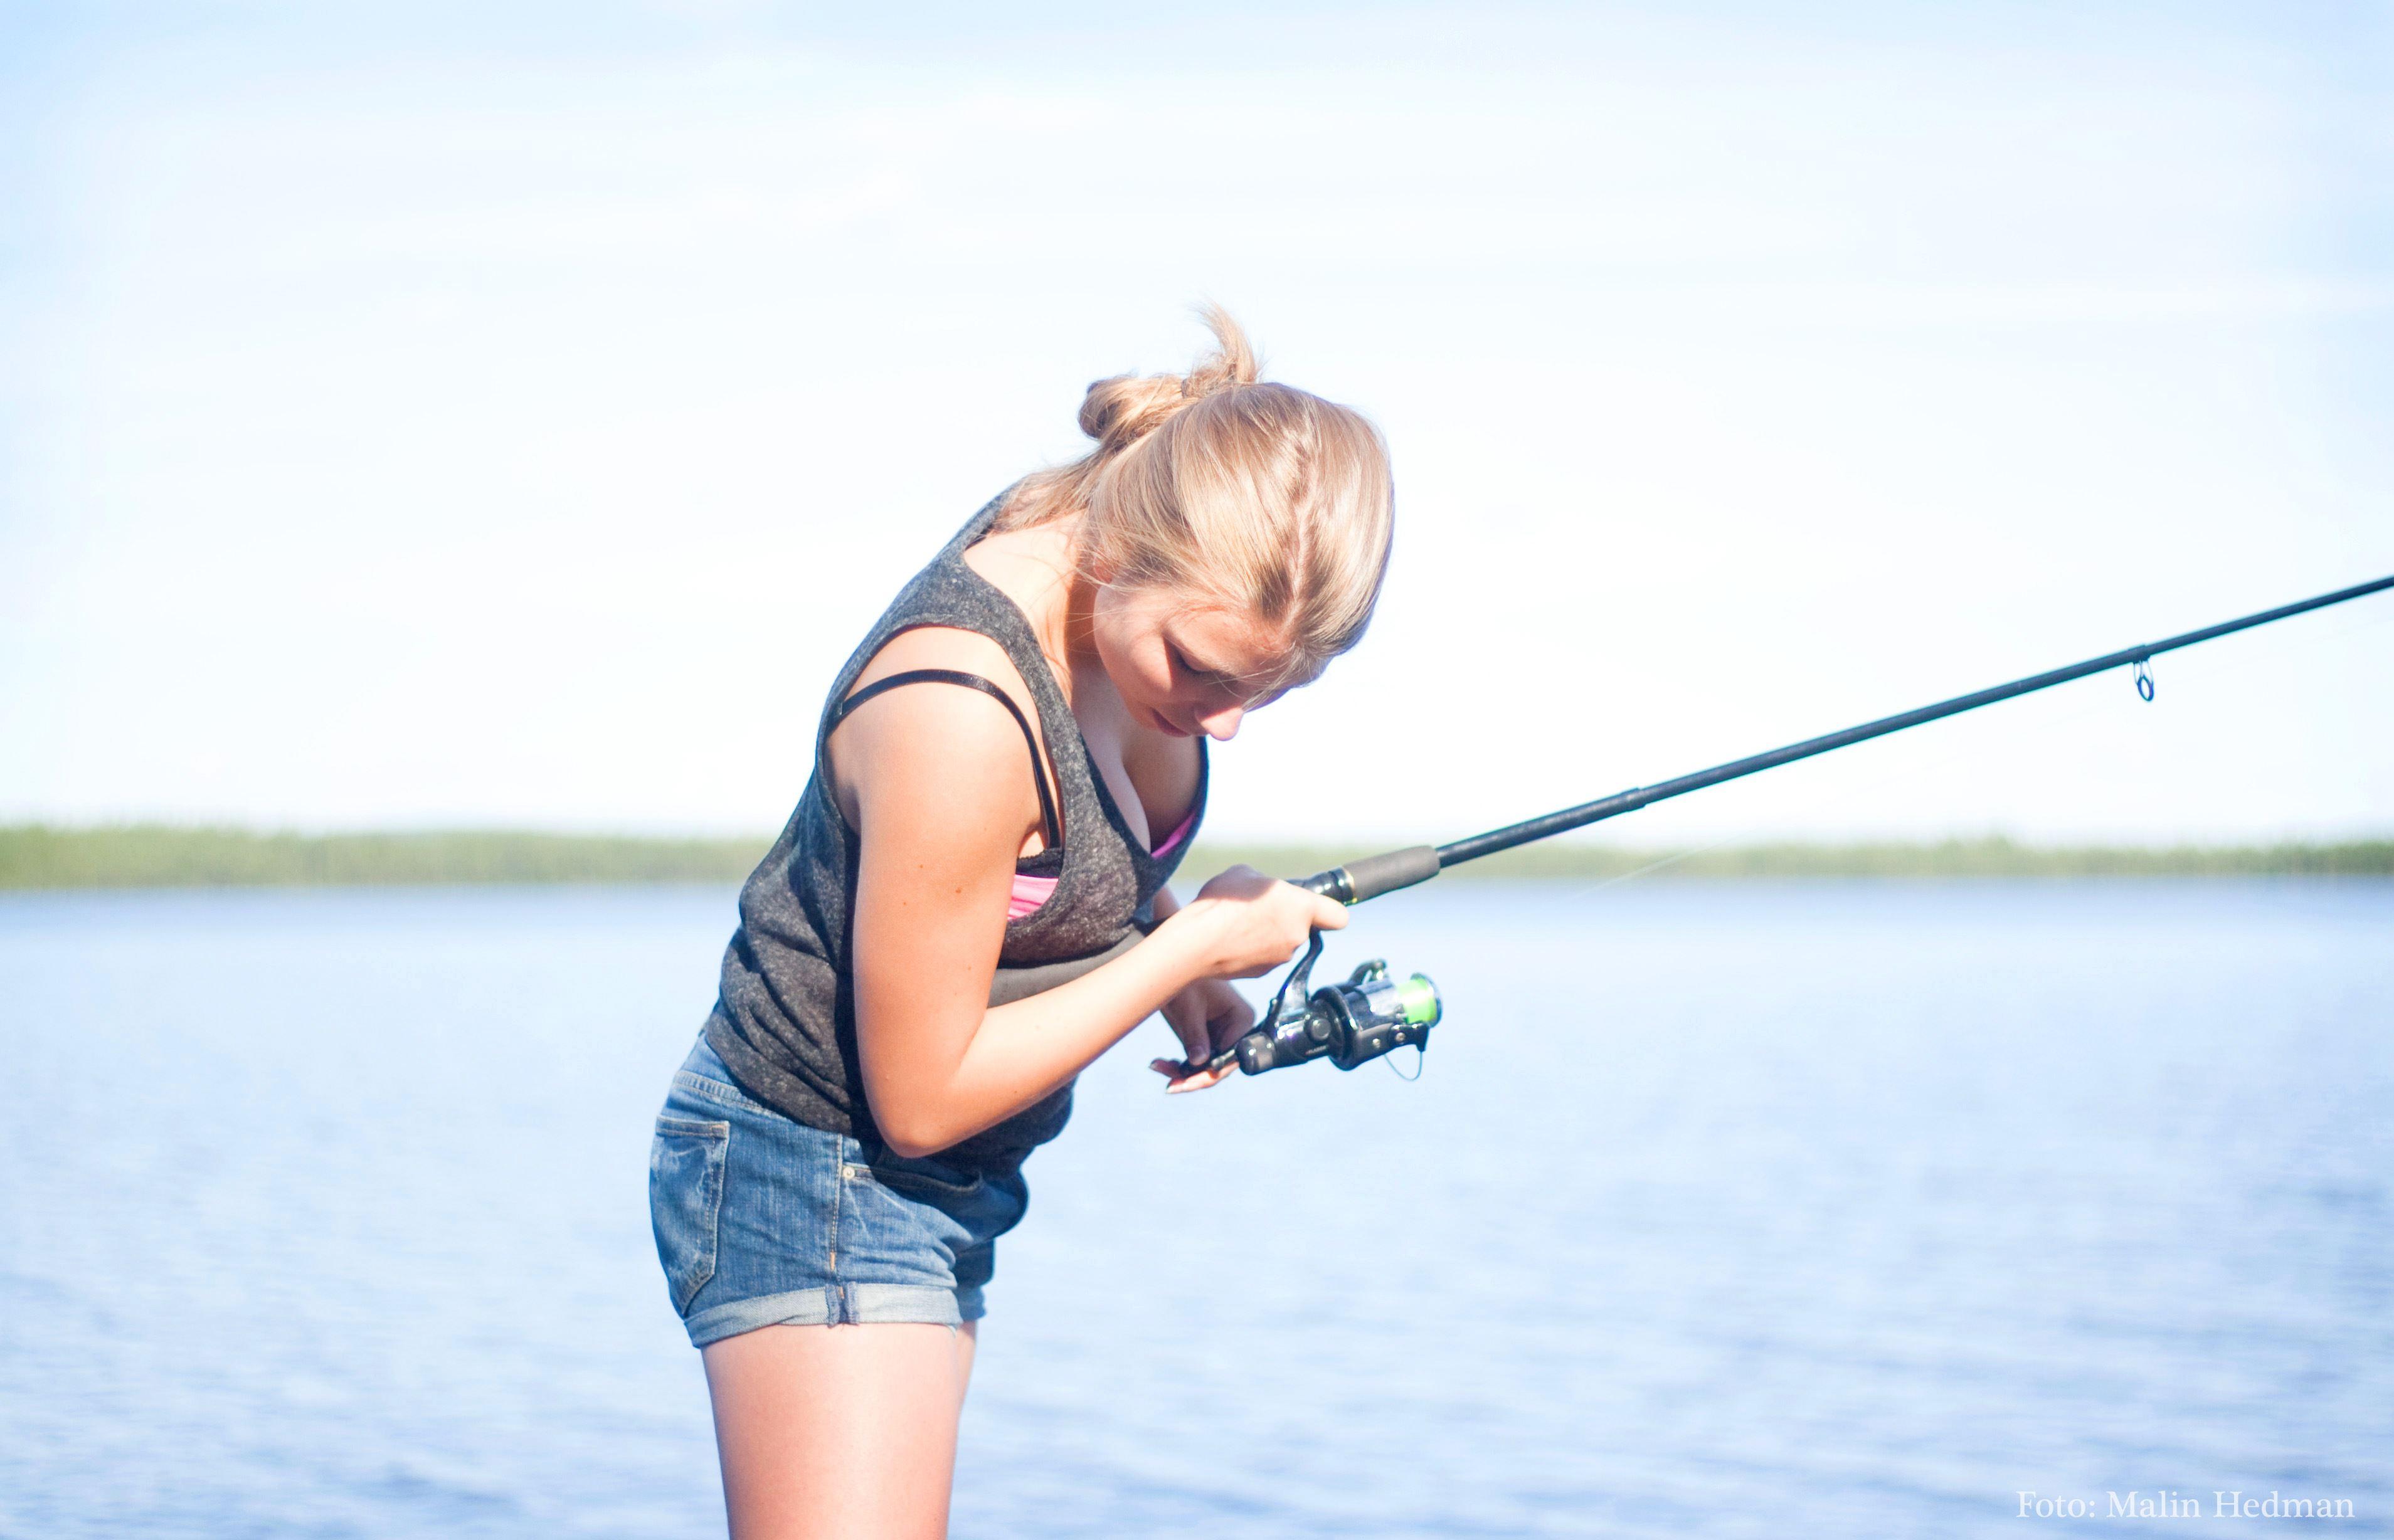 Malin Hedman,  © Malå kommun, Fisketävling i Släppträsk